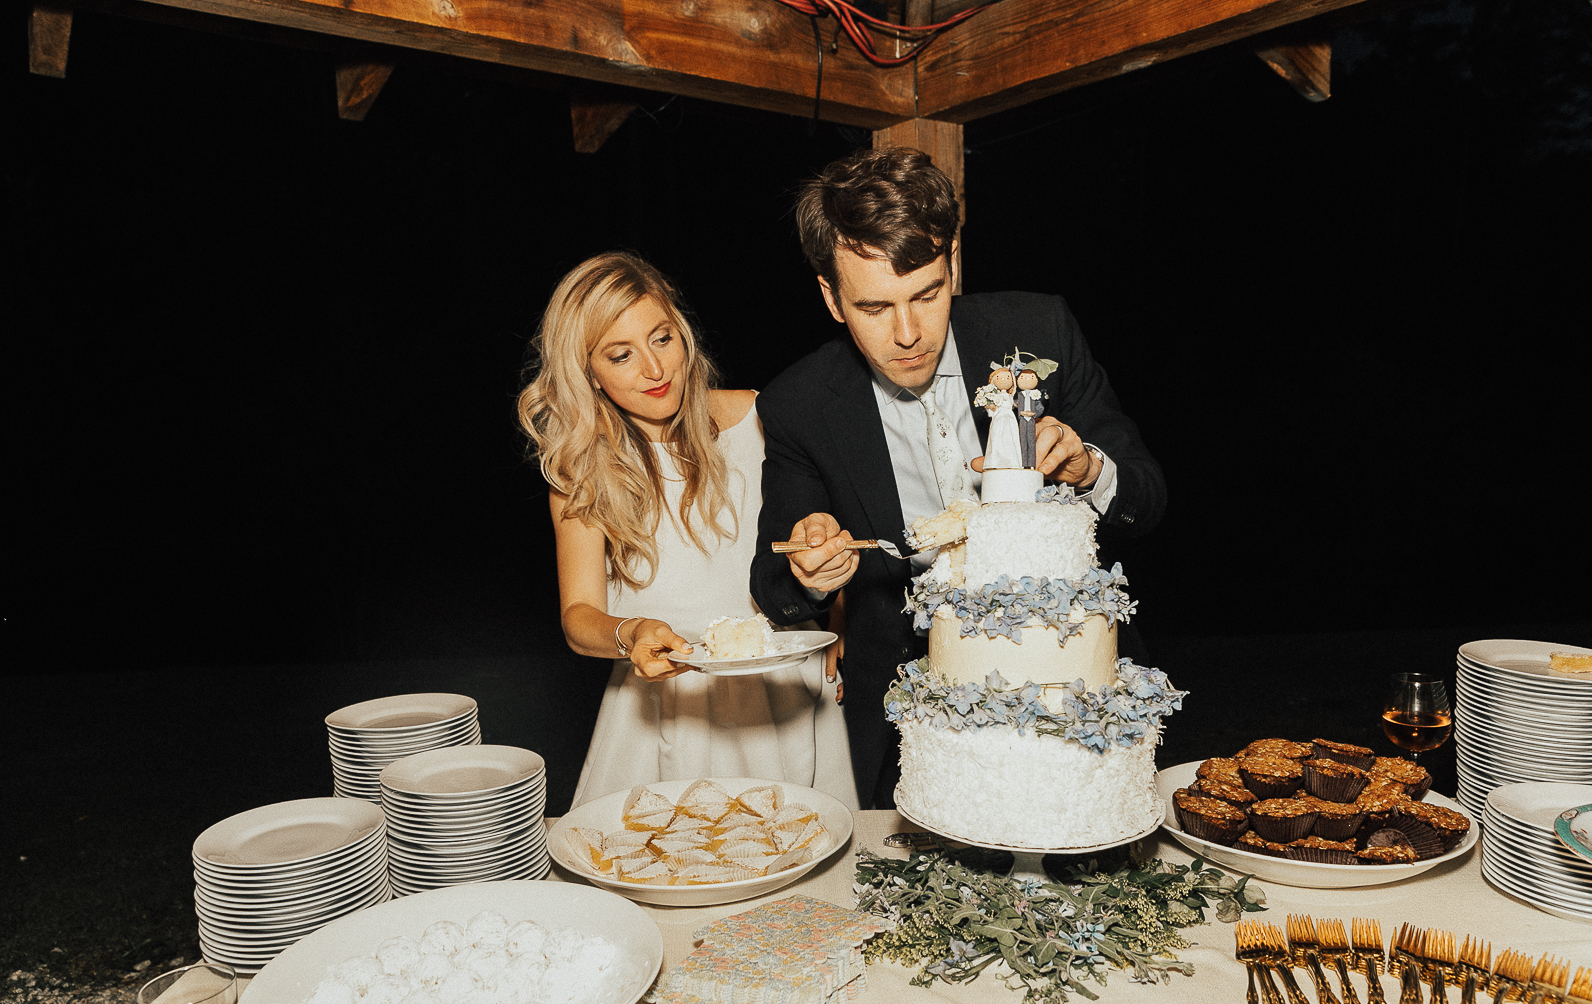 Gianna Keiko Atlanta Wedding Photographer-10.jpg